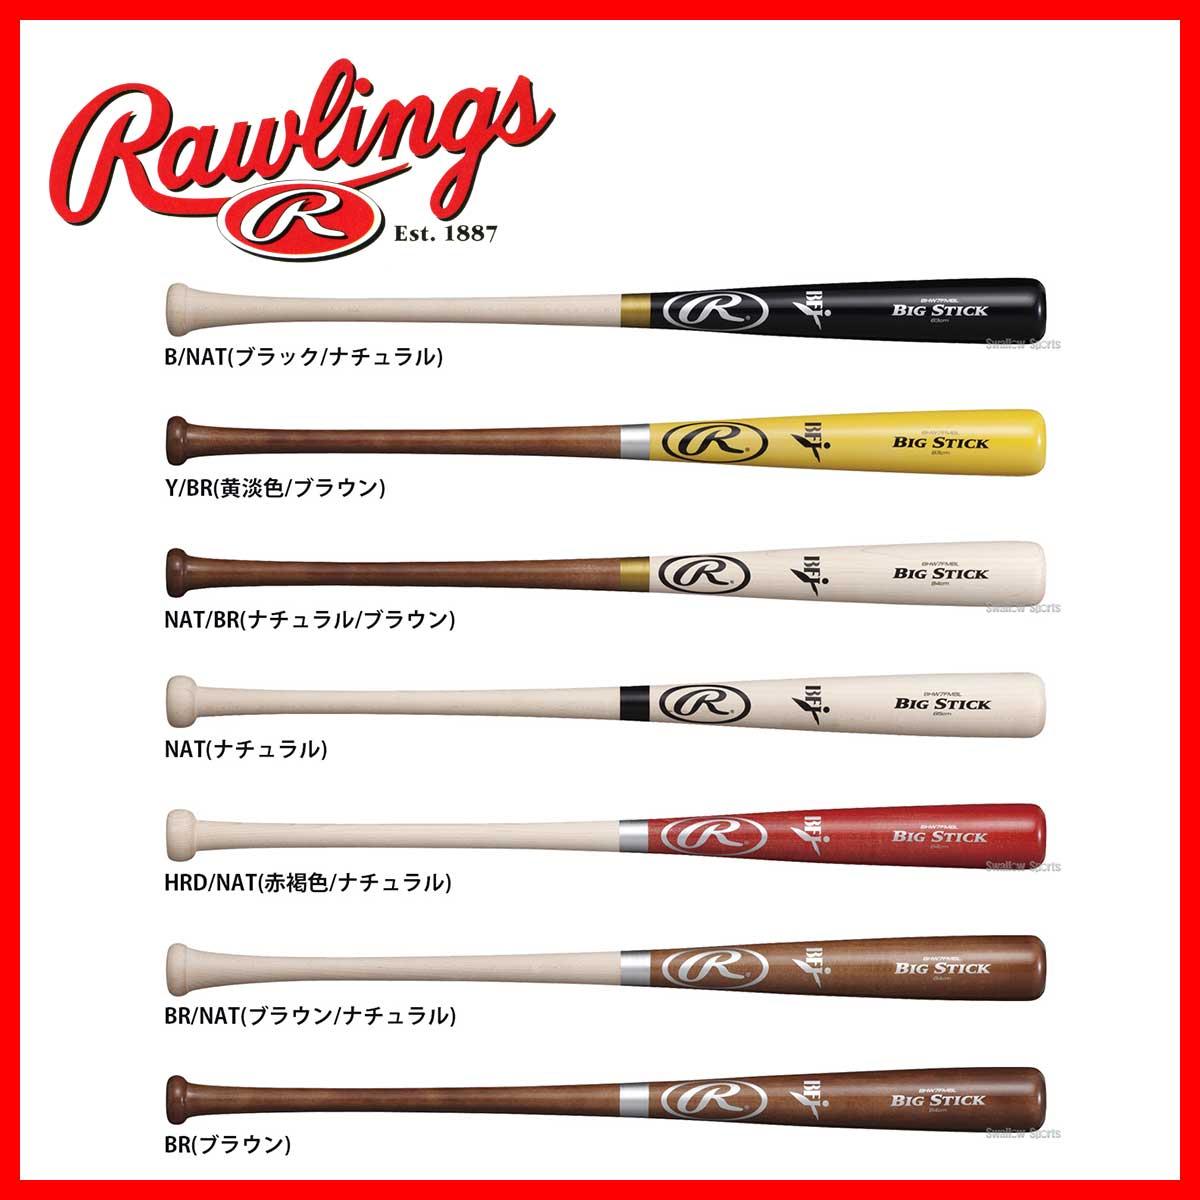 【あす楽対応】 ローリングス 硬式 バット Adirondack Big Stick メイプル USA 木製 BHW7FMBL 硬式用 木製バット 春季大会 春の選抜 新入学 野球部 新入部員 野球用品 スワロースポーツ